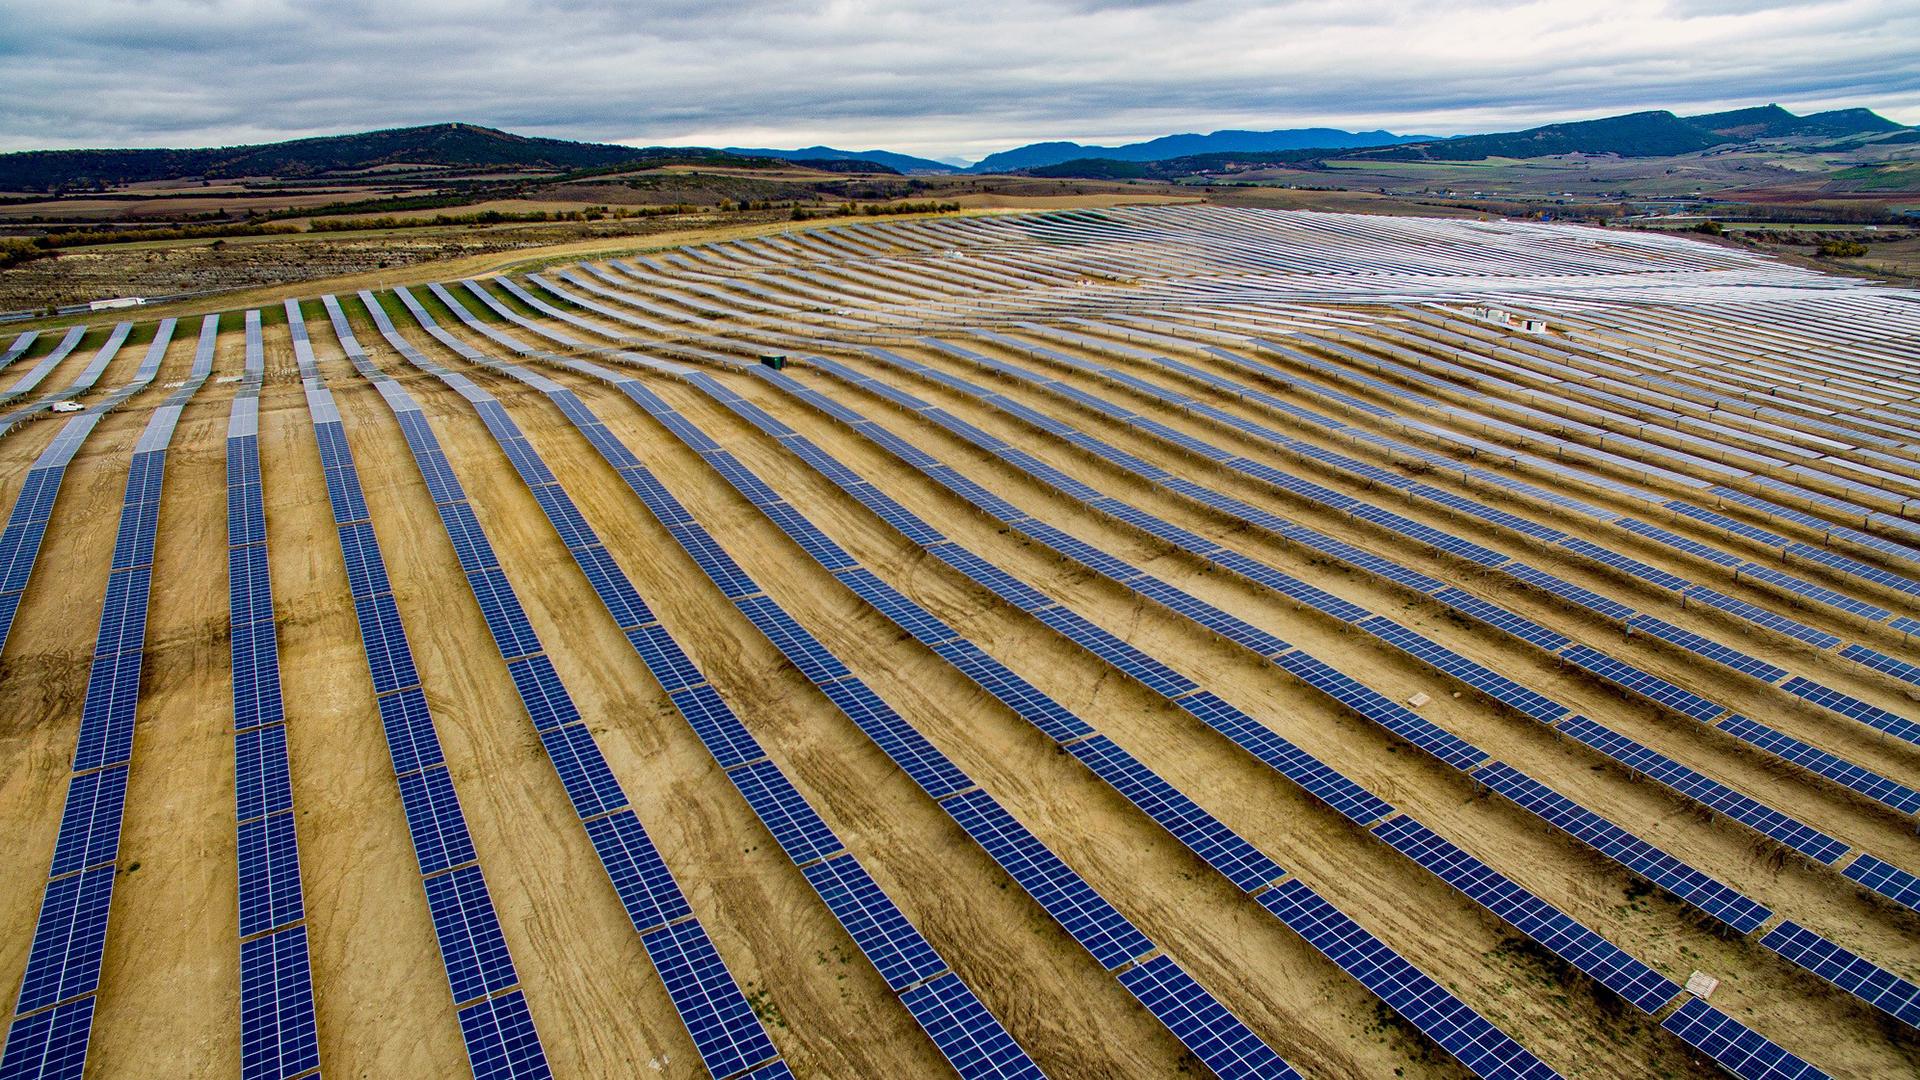 EKIAN, la mayor planta solar de Euskadi, echa a andar